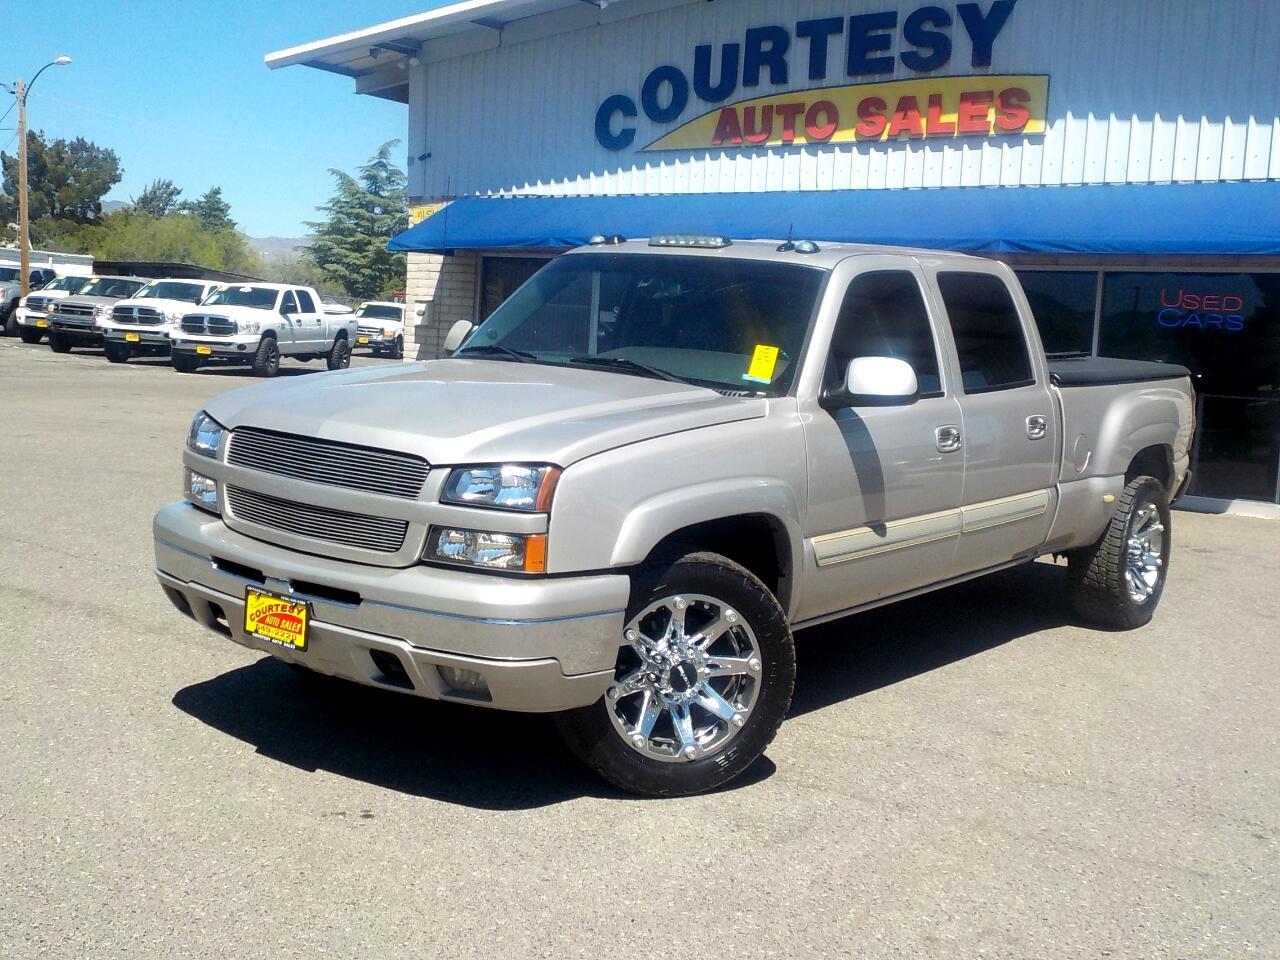 2004 Chevrolet Silverado 2500 Crew Cab Crew Cab 153.0